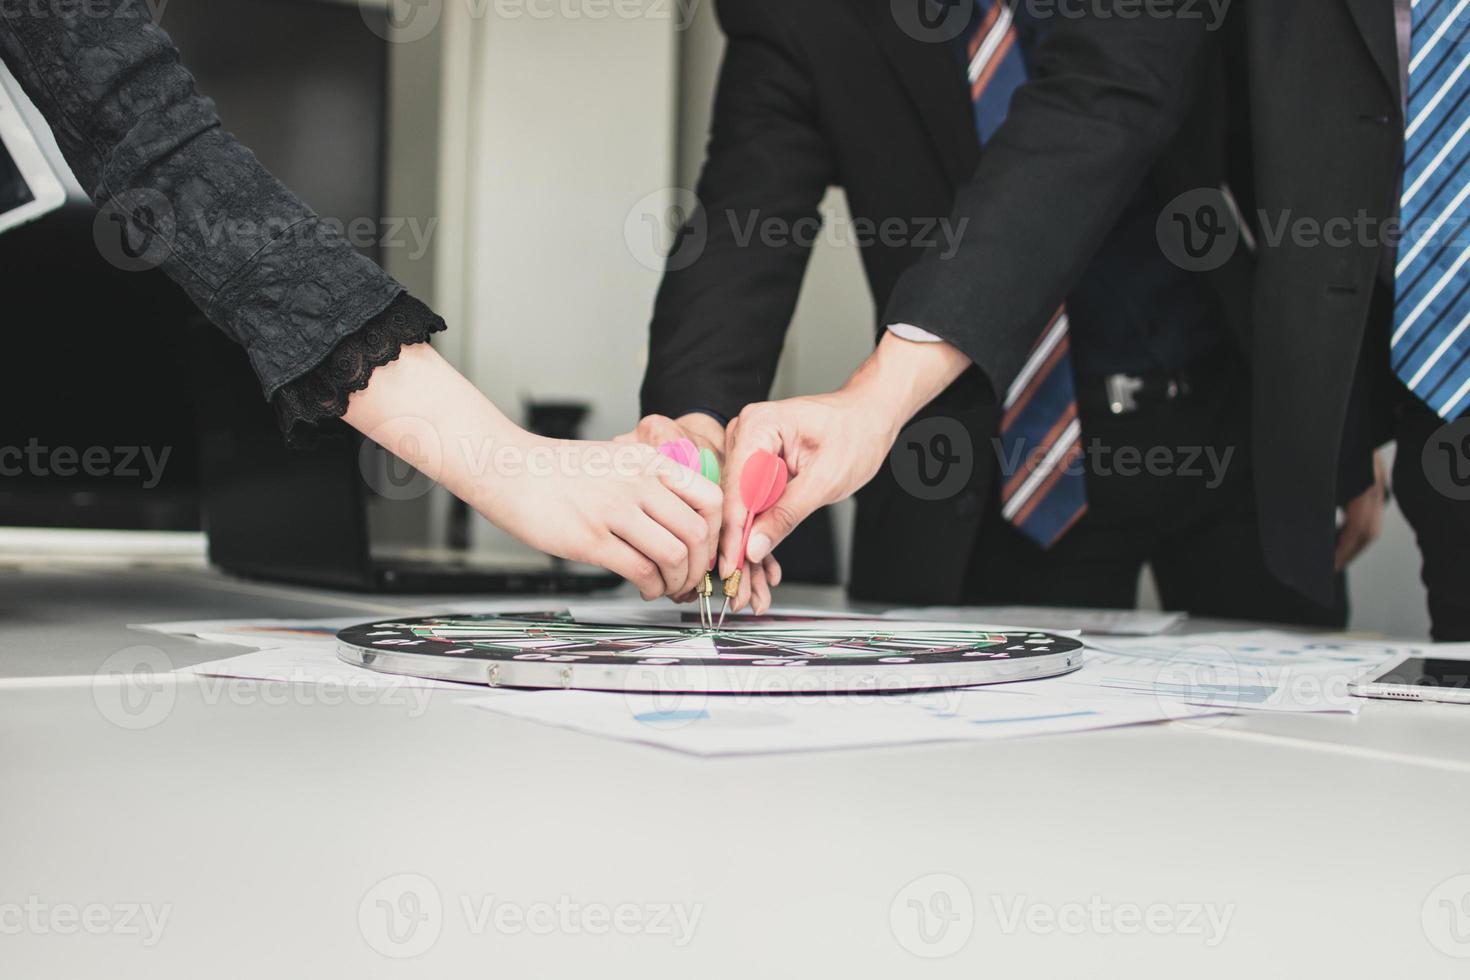 équipe commerciale utilisant un jeu de fléchettes photo